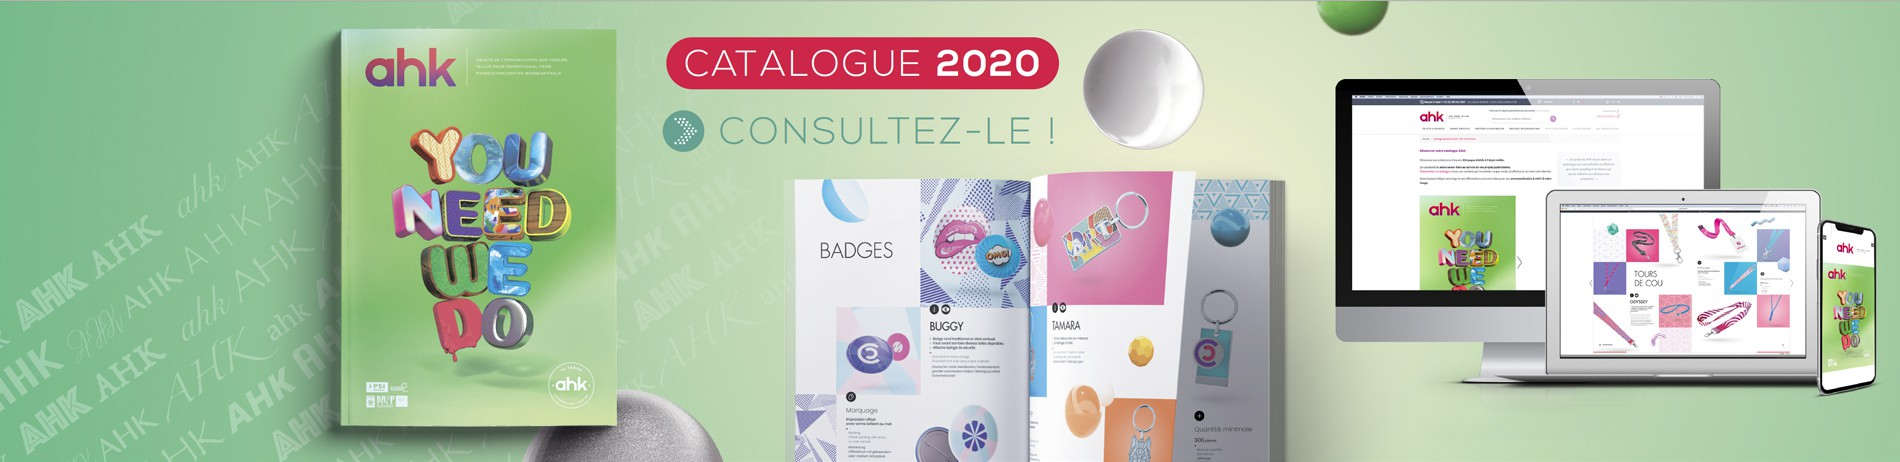 Catalogue 2020 - Consultez-le !